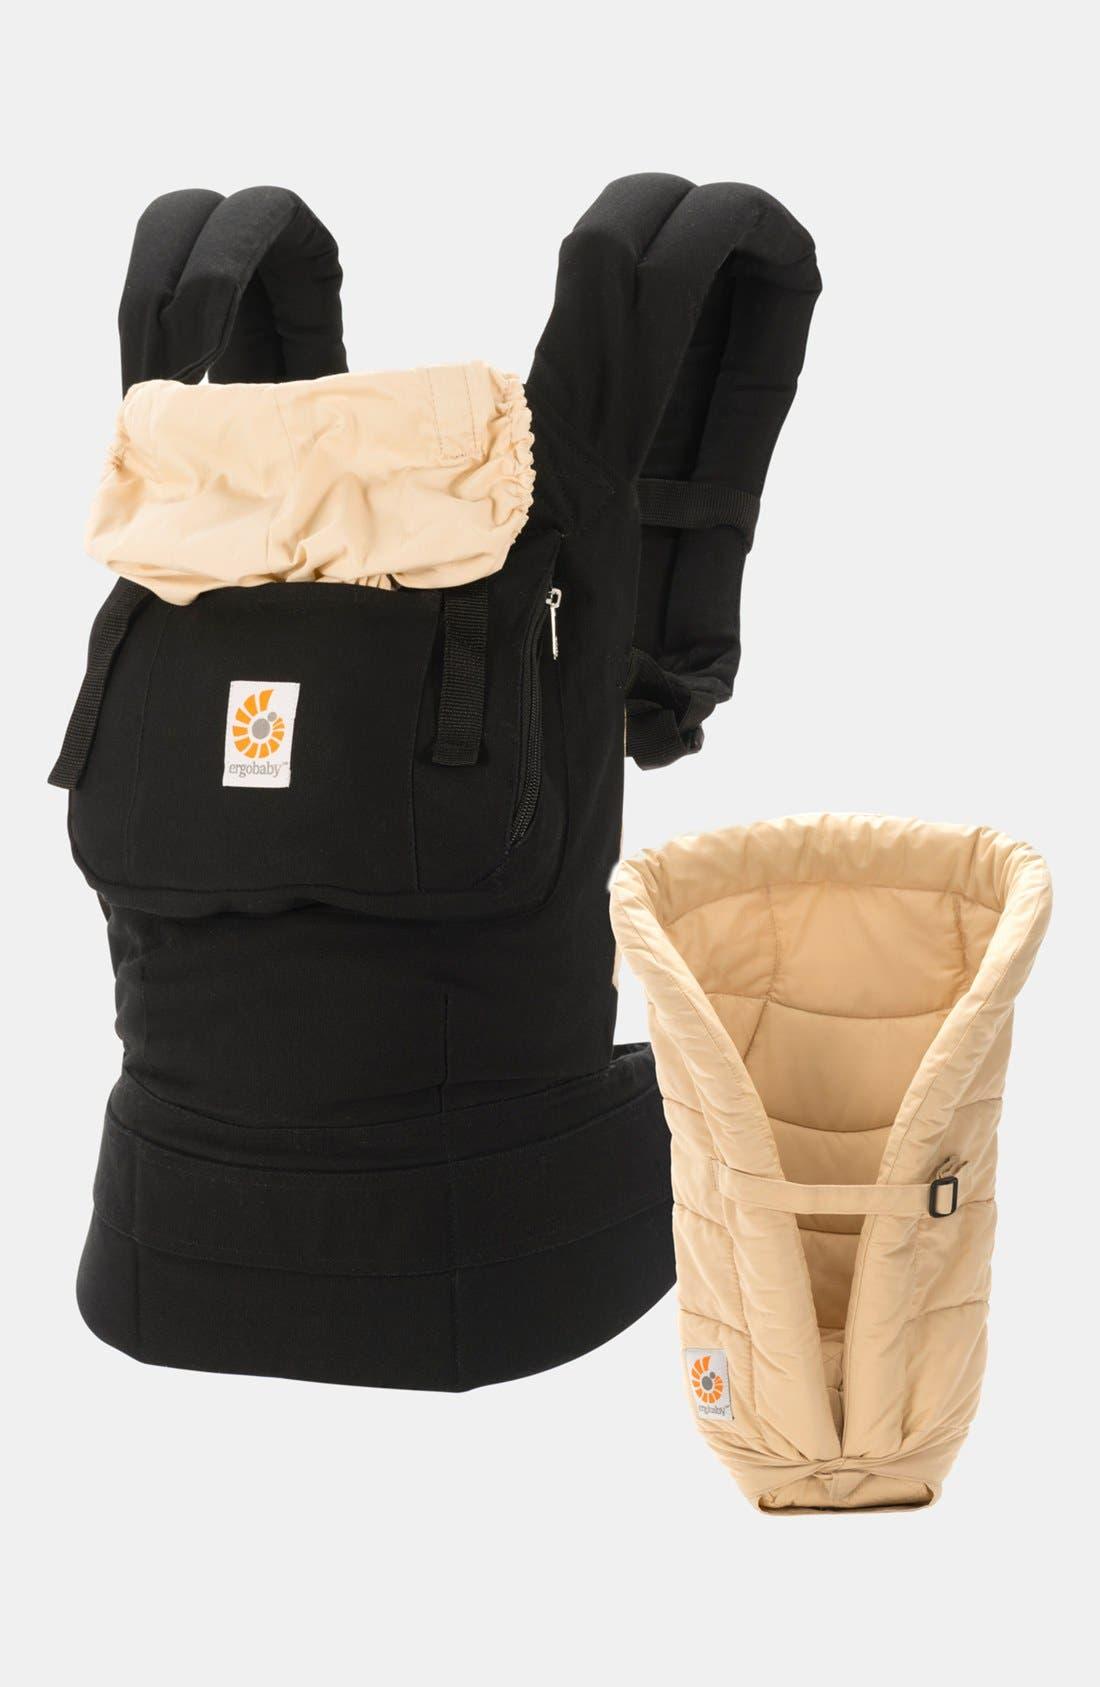 Main Image - ERGObaby 'Bundle of Joy' Baby Carrier